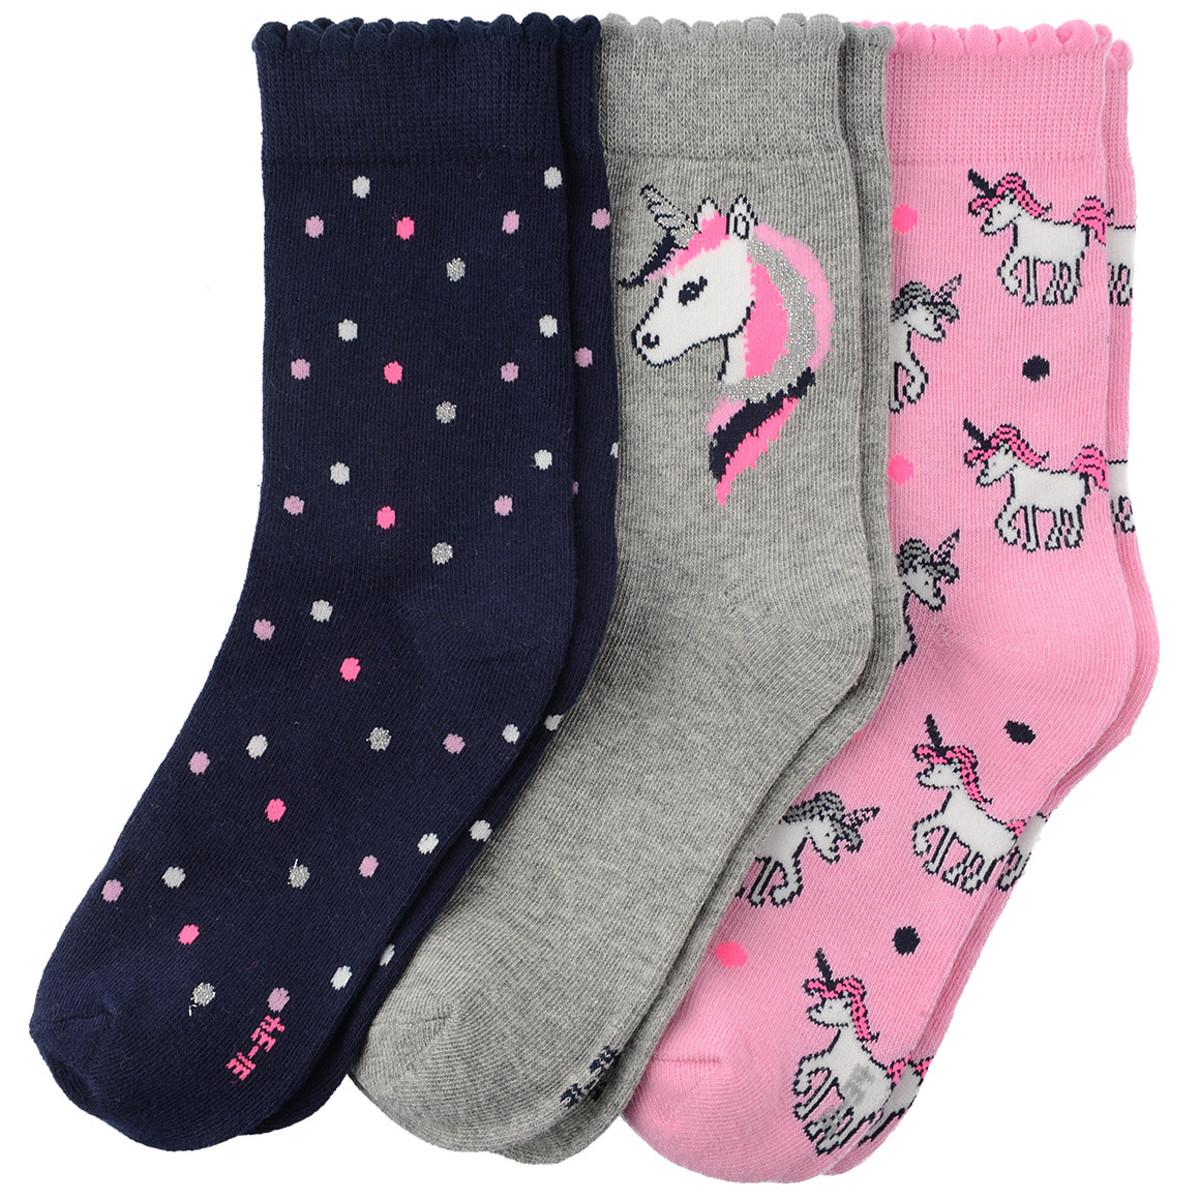 Bild 1 von 3 Paar Mädchen Socken mit Einhorn-Motiv